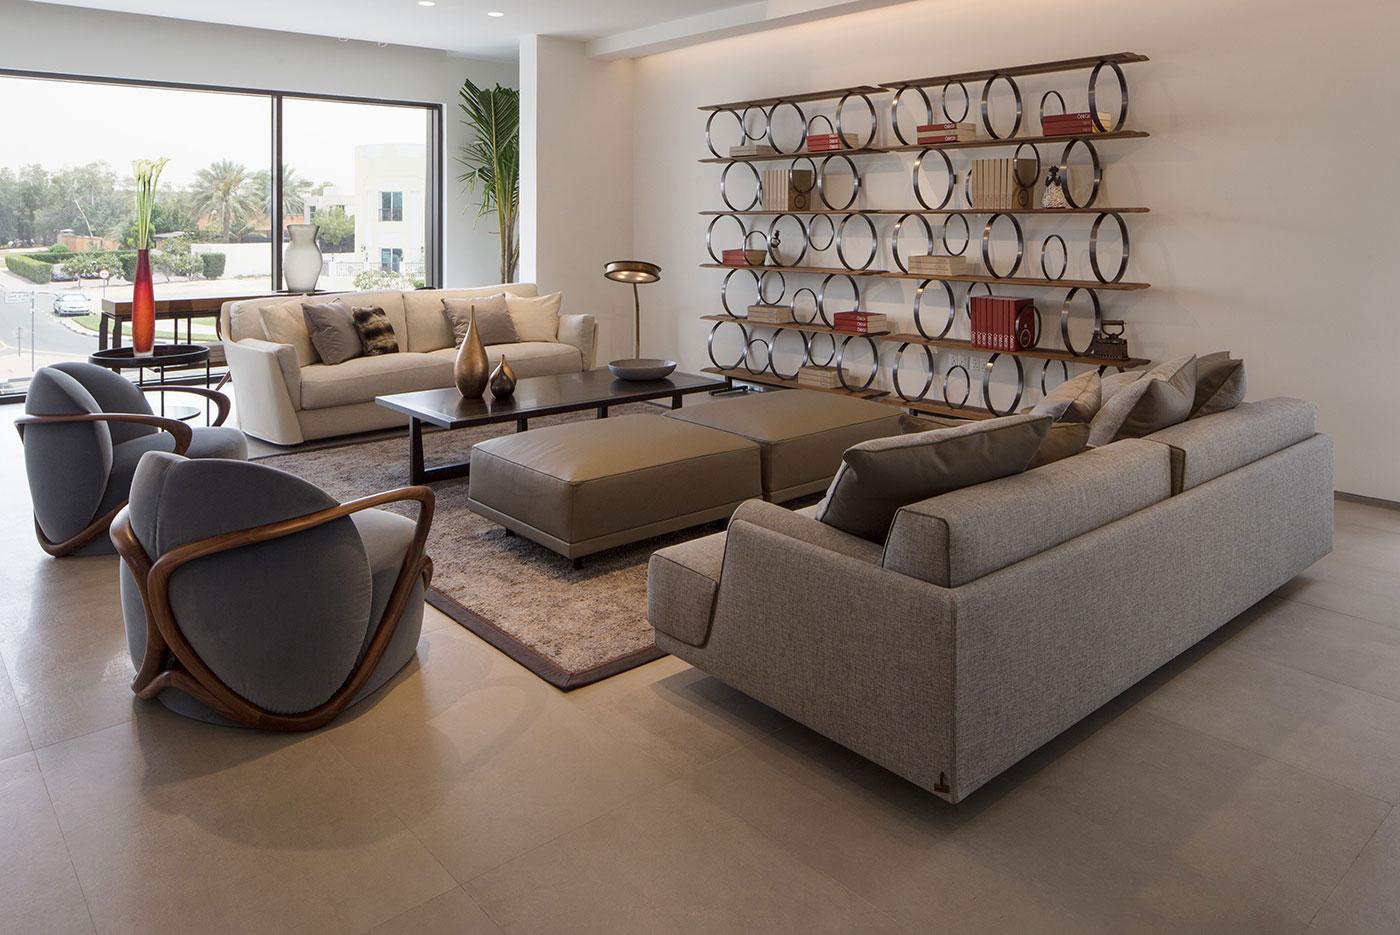 Obegi Home Exclusive Moods Showroom Giorgetti Area 6